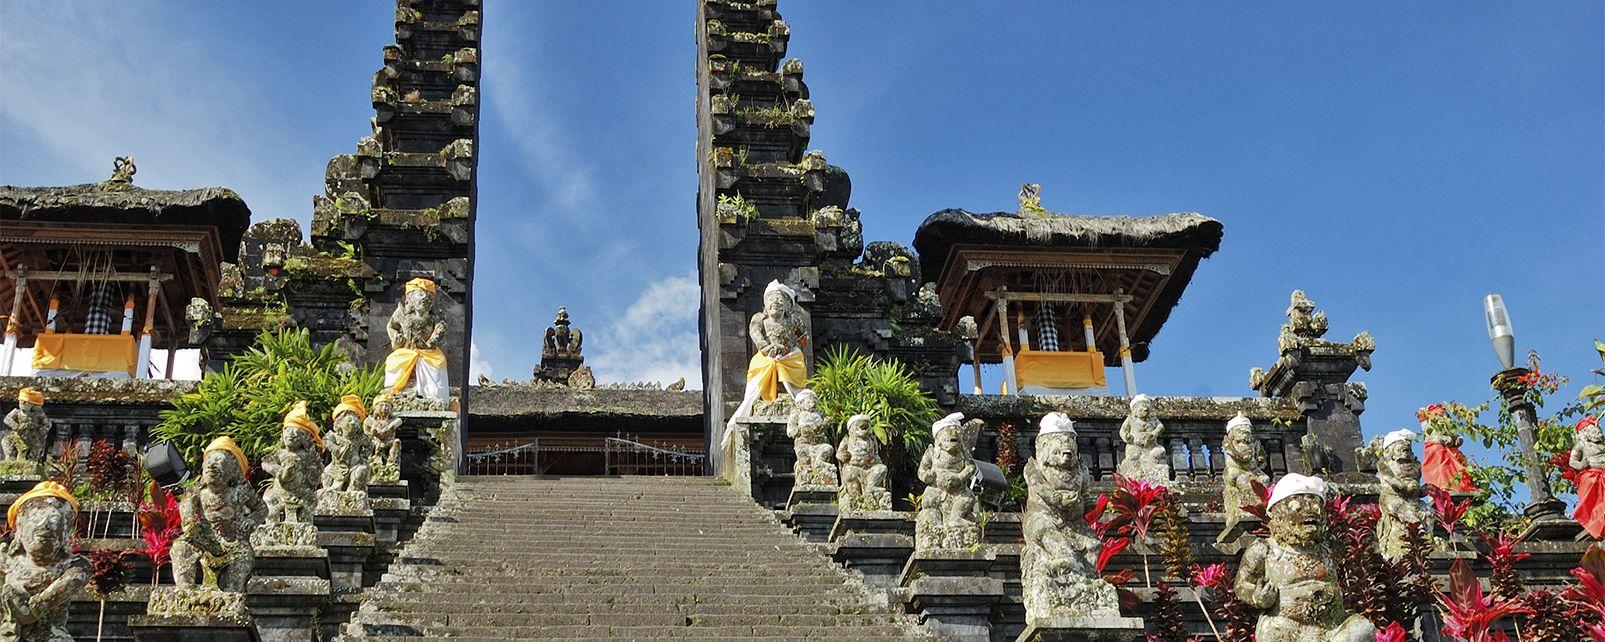 Le temple de besakih bali indon sie for Les jardins de bali